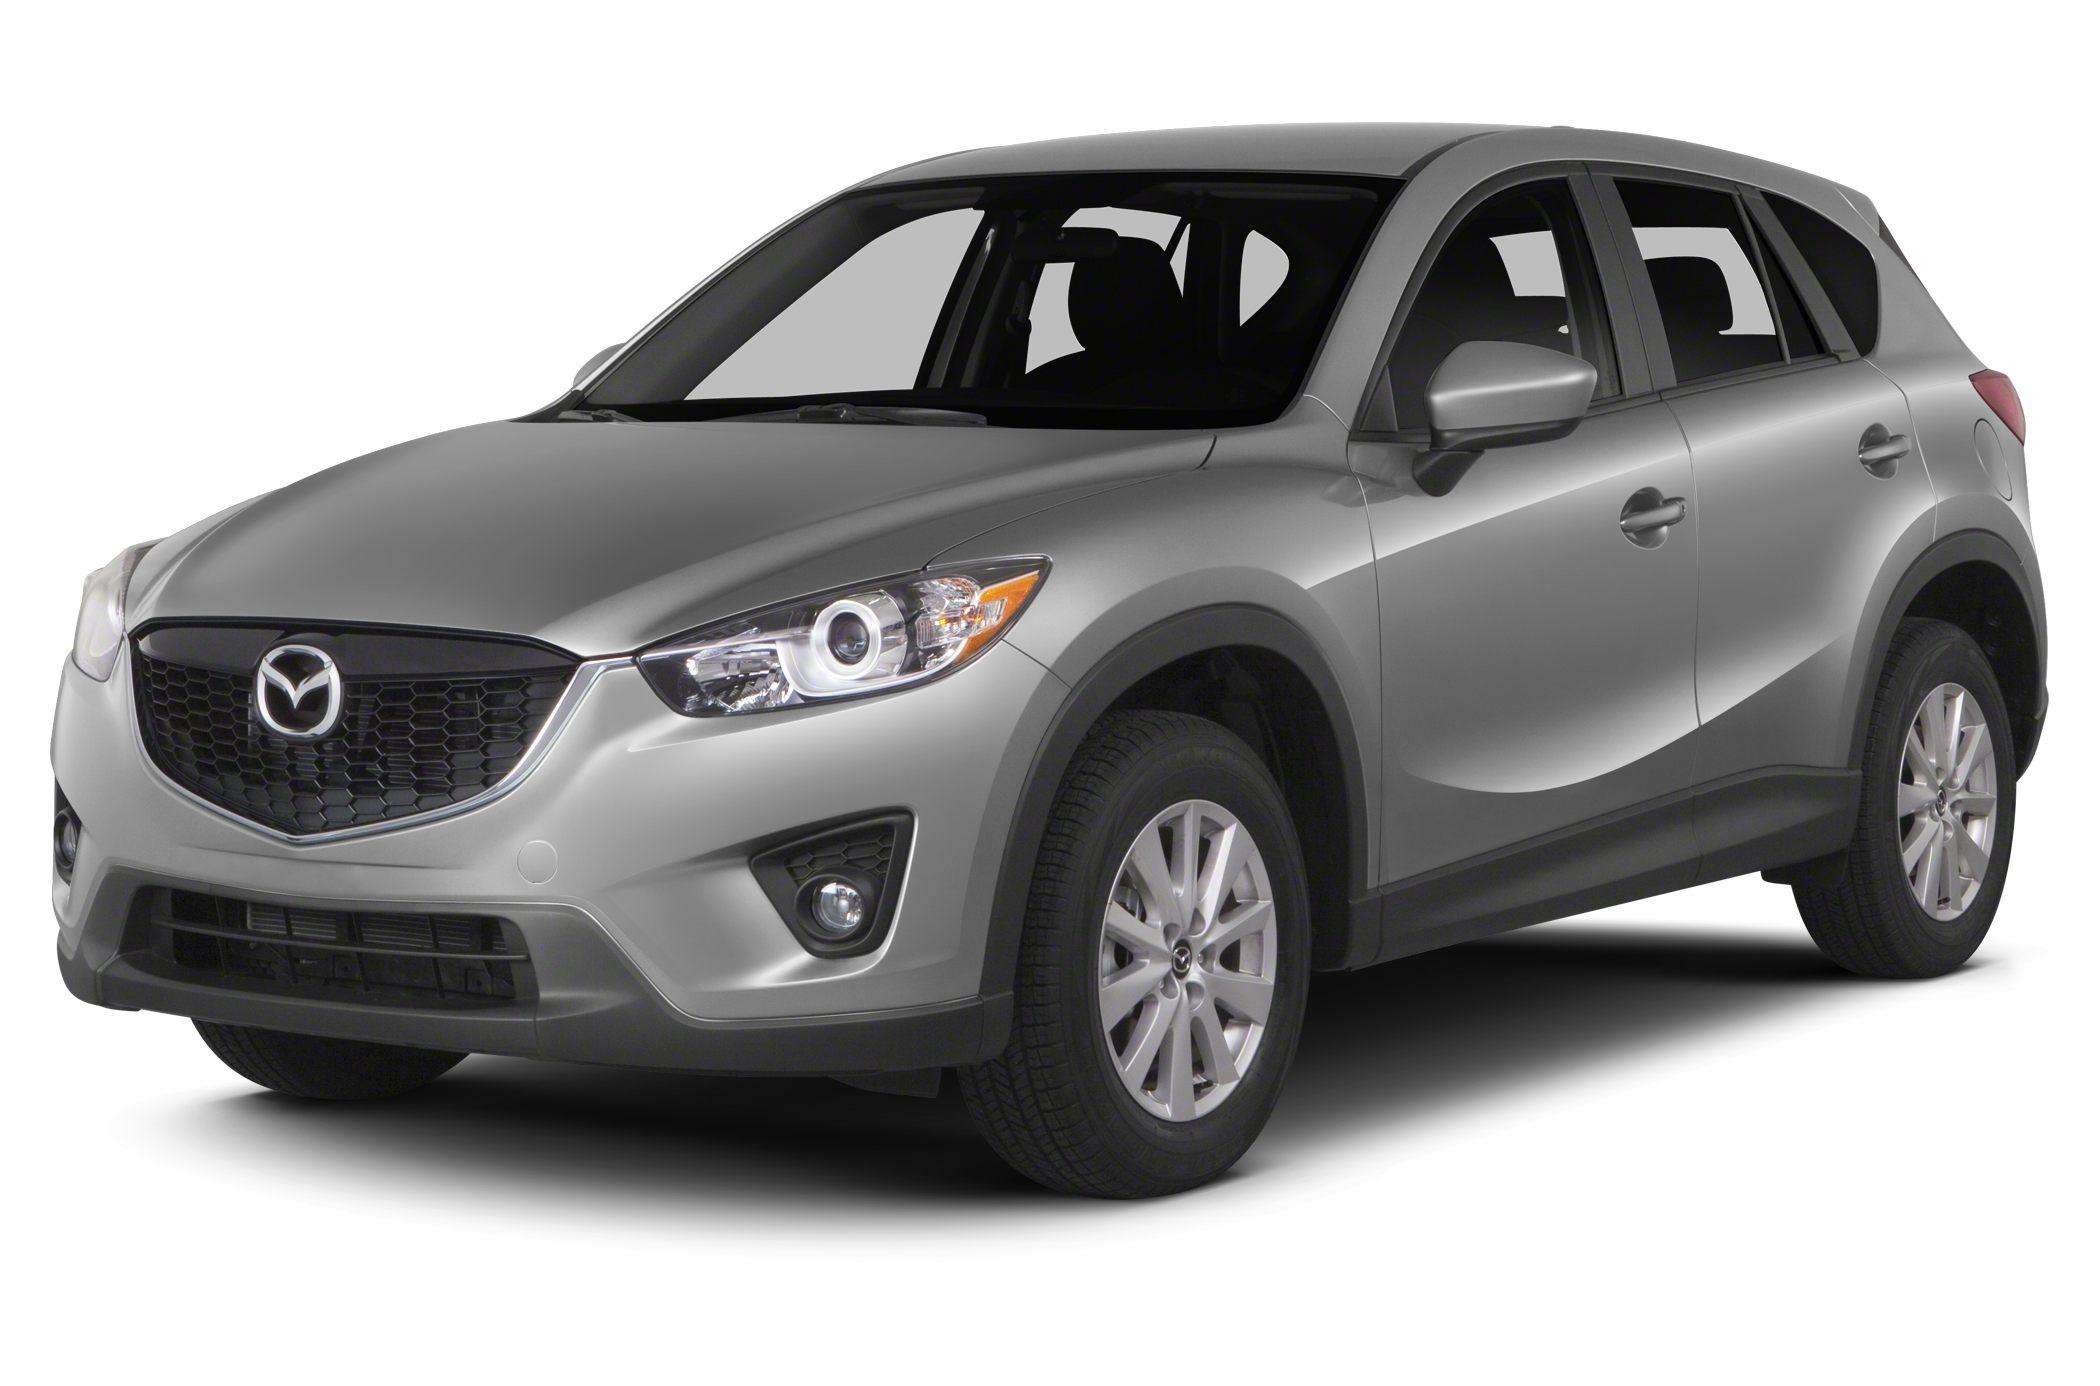 Mazda Tribute 2014